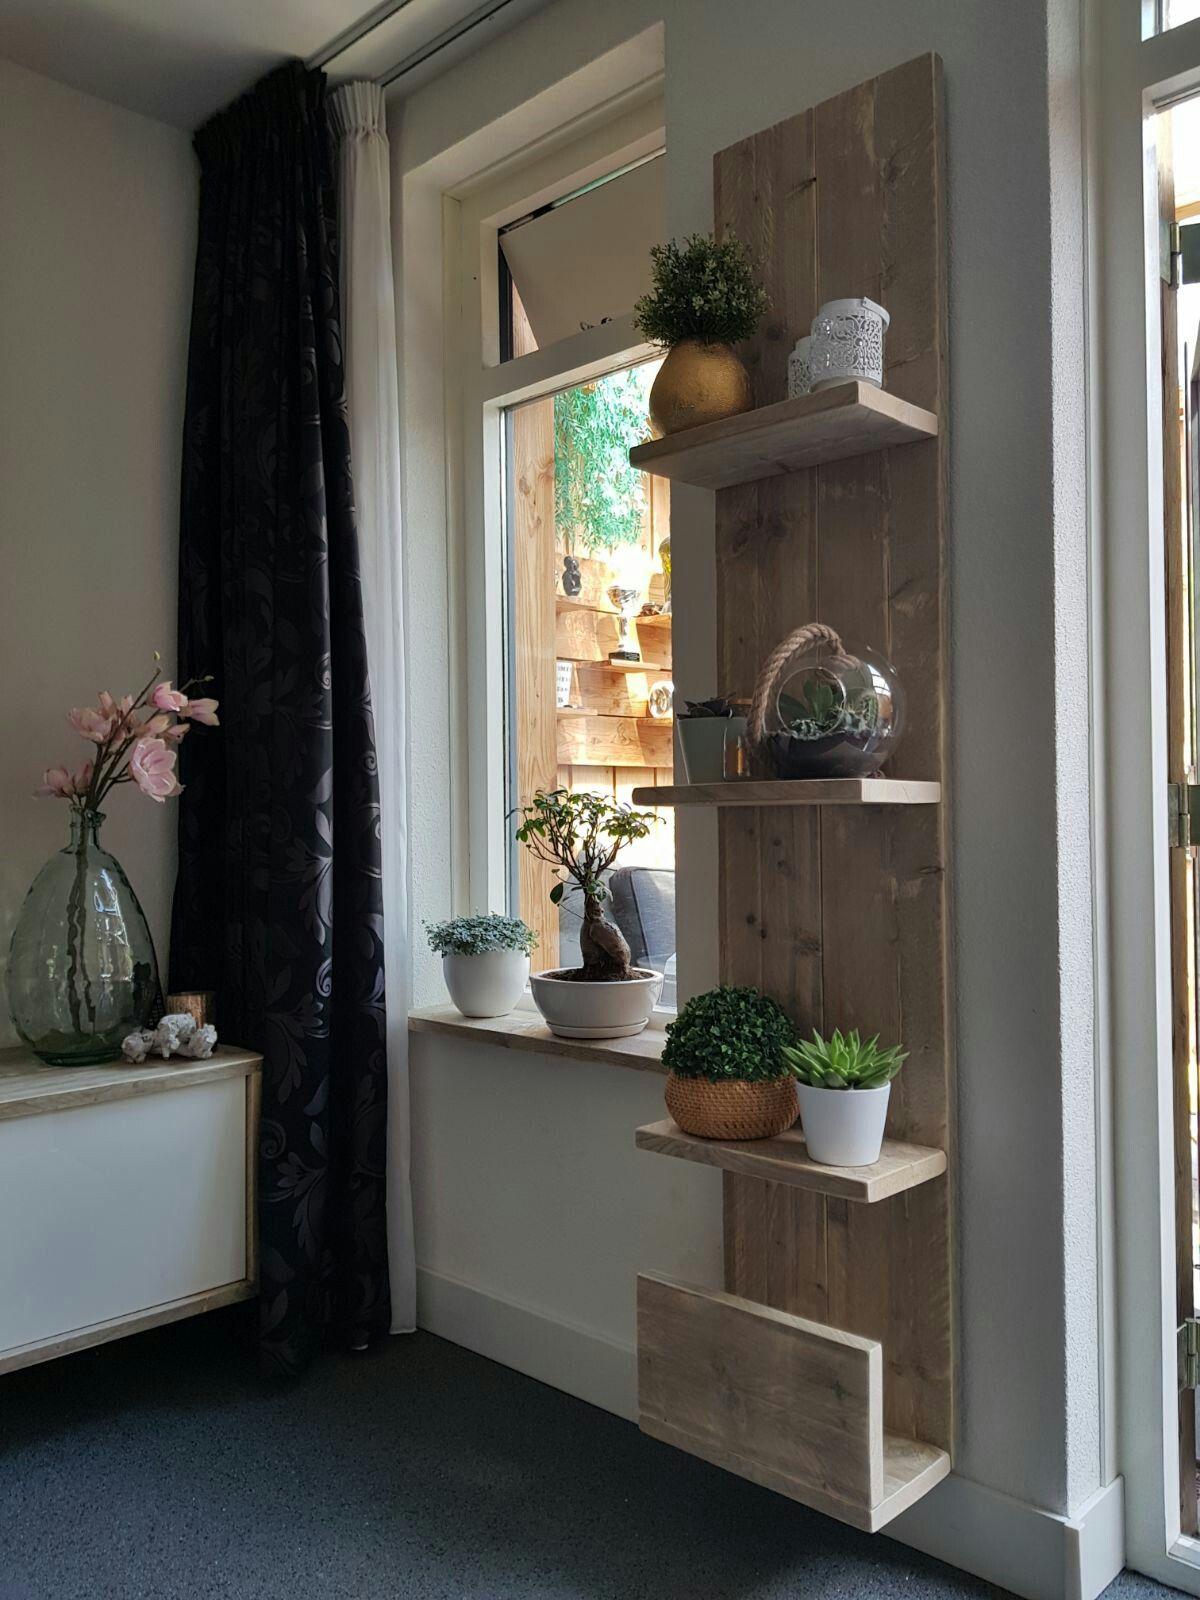 Wandbord oud steigerhout woonkamer folderbak | woonkamer | Pinterest